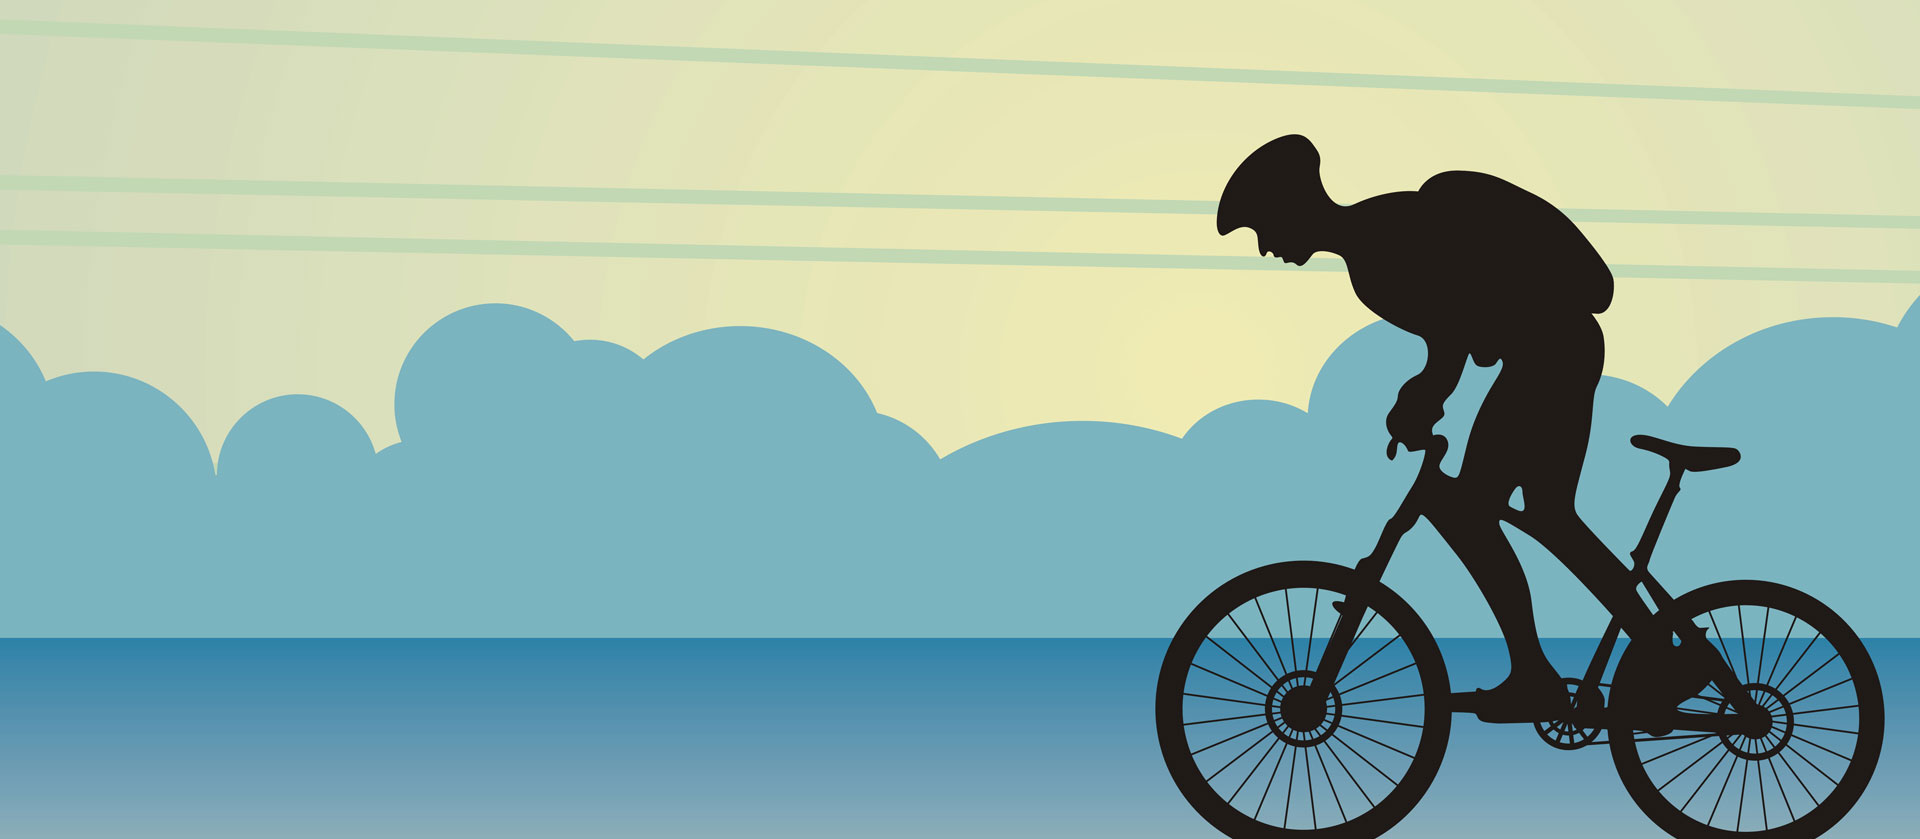 BI.MA. Bikes è una realtà giovane e dinamica che si dedica con impegno e professionalità al mondo dei cicli. Da BI.MA. potete trovare cicli e accessori per il vostro mondo su due ruote.